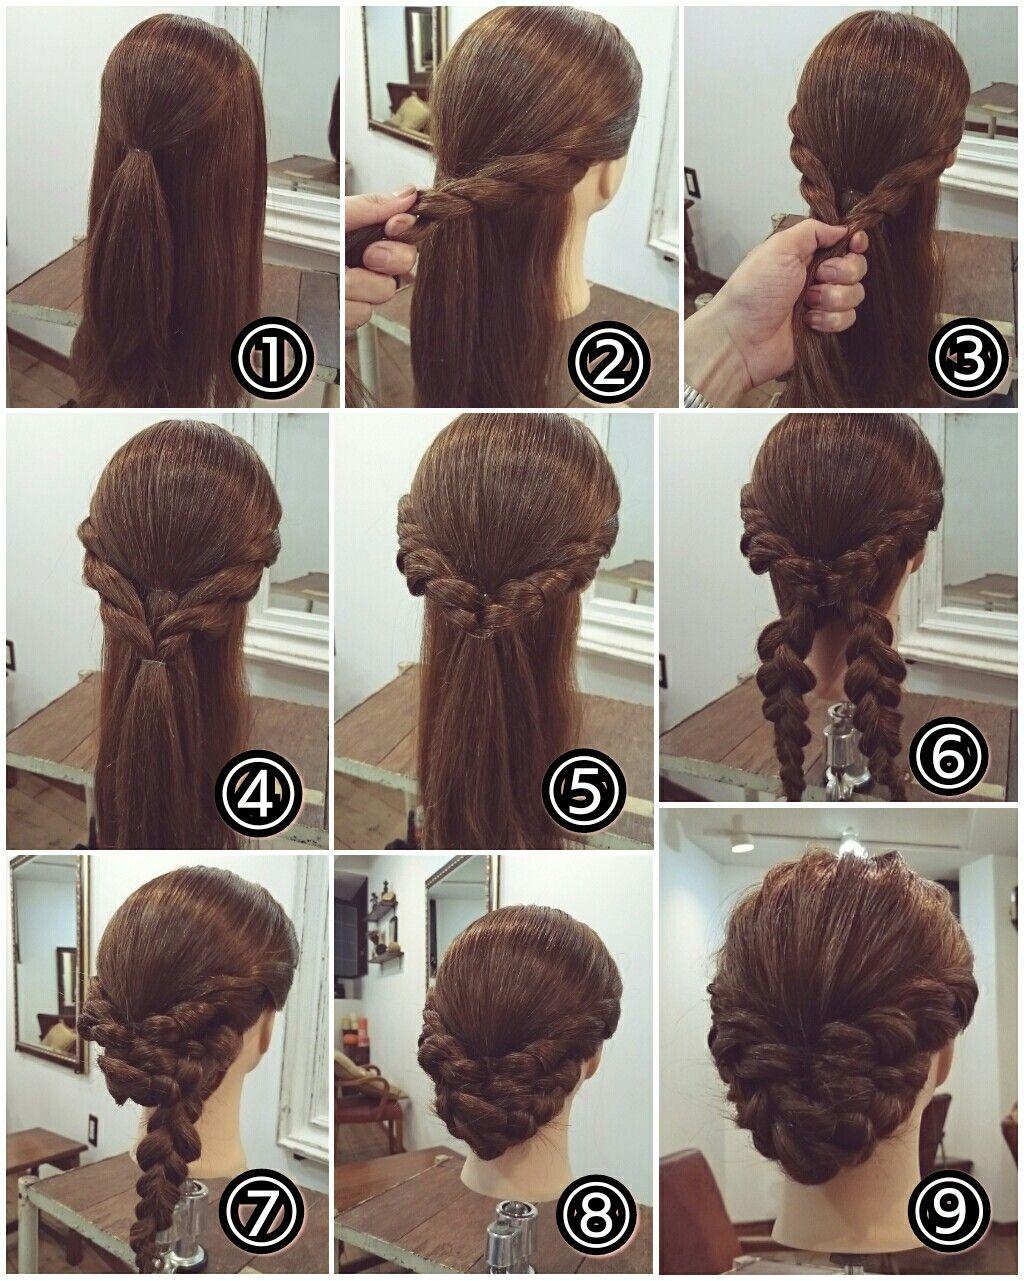 Perfekte Frisur für lange Haare!Schmeicheld schön zu einem